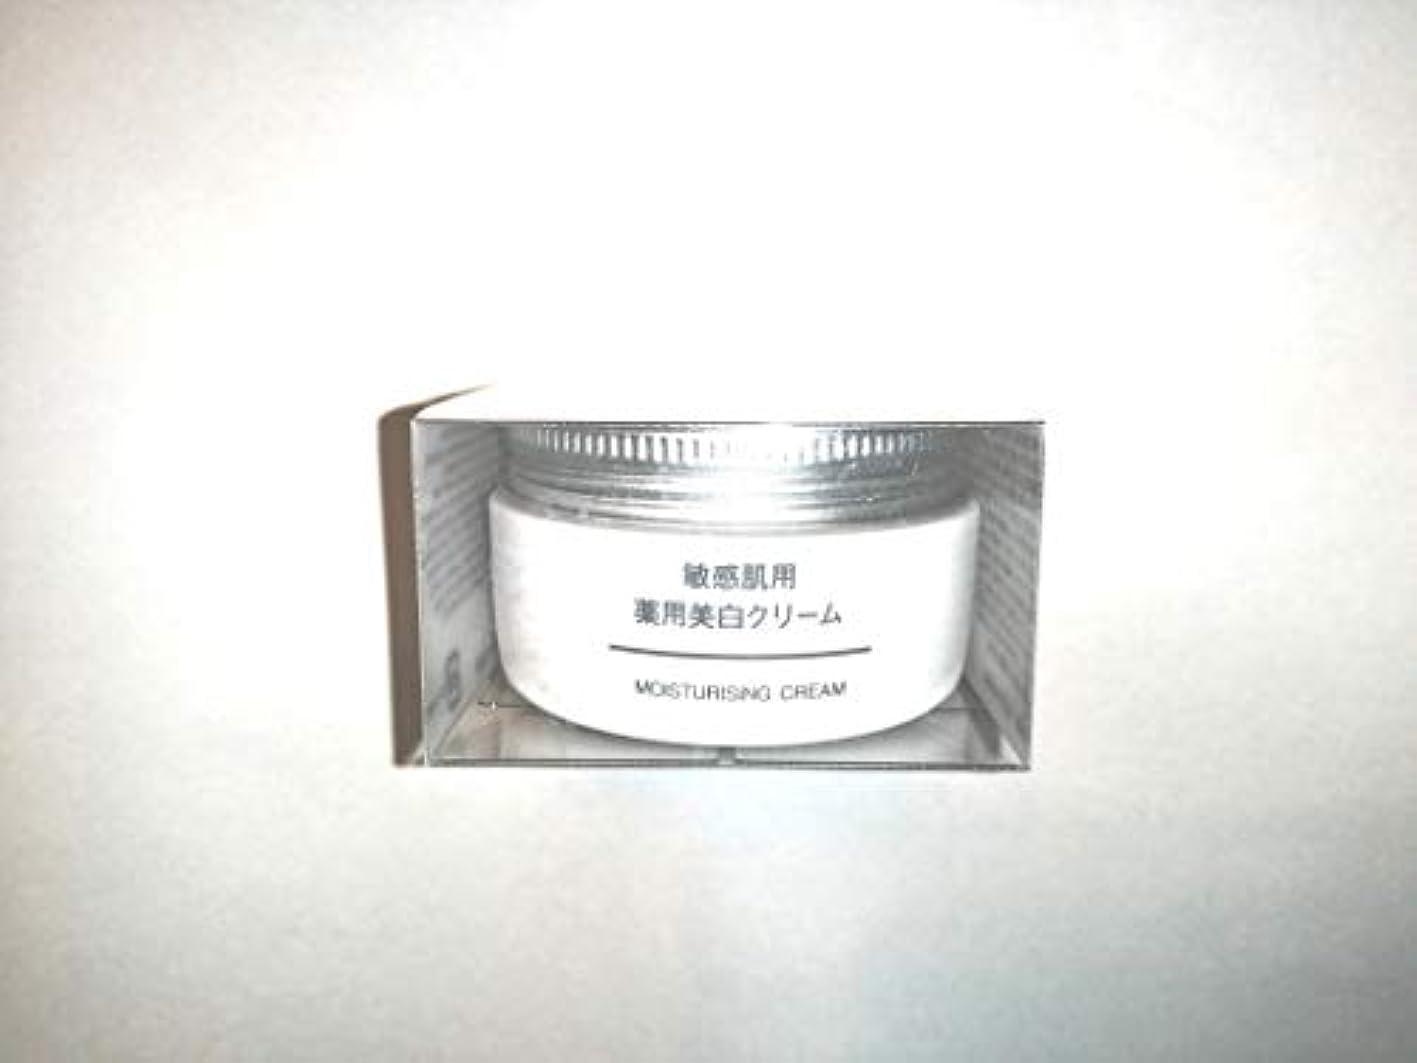 化合物ヒント力強い無印良品 敏感肌用薬用美白クリーム (新)45g